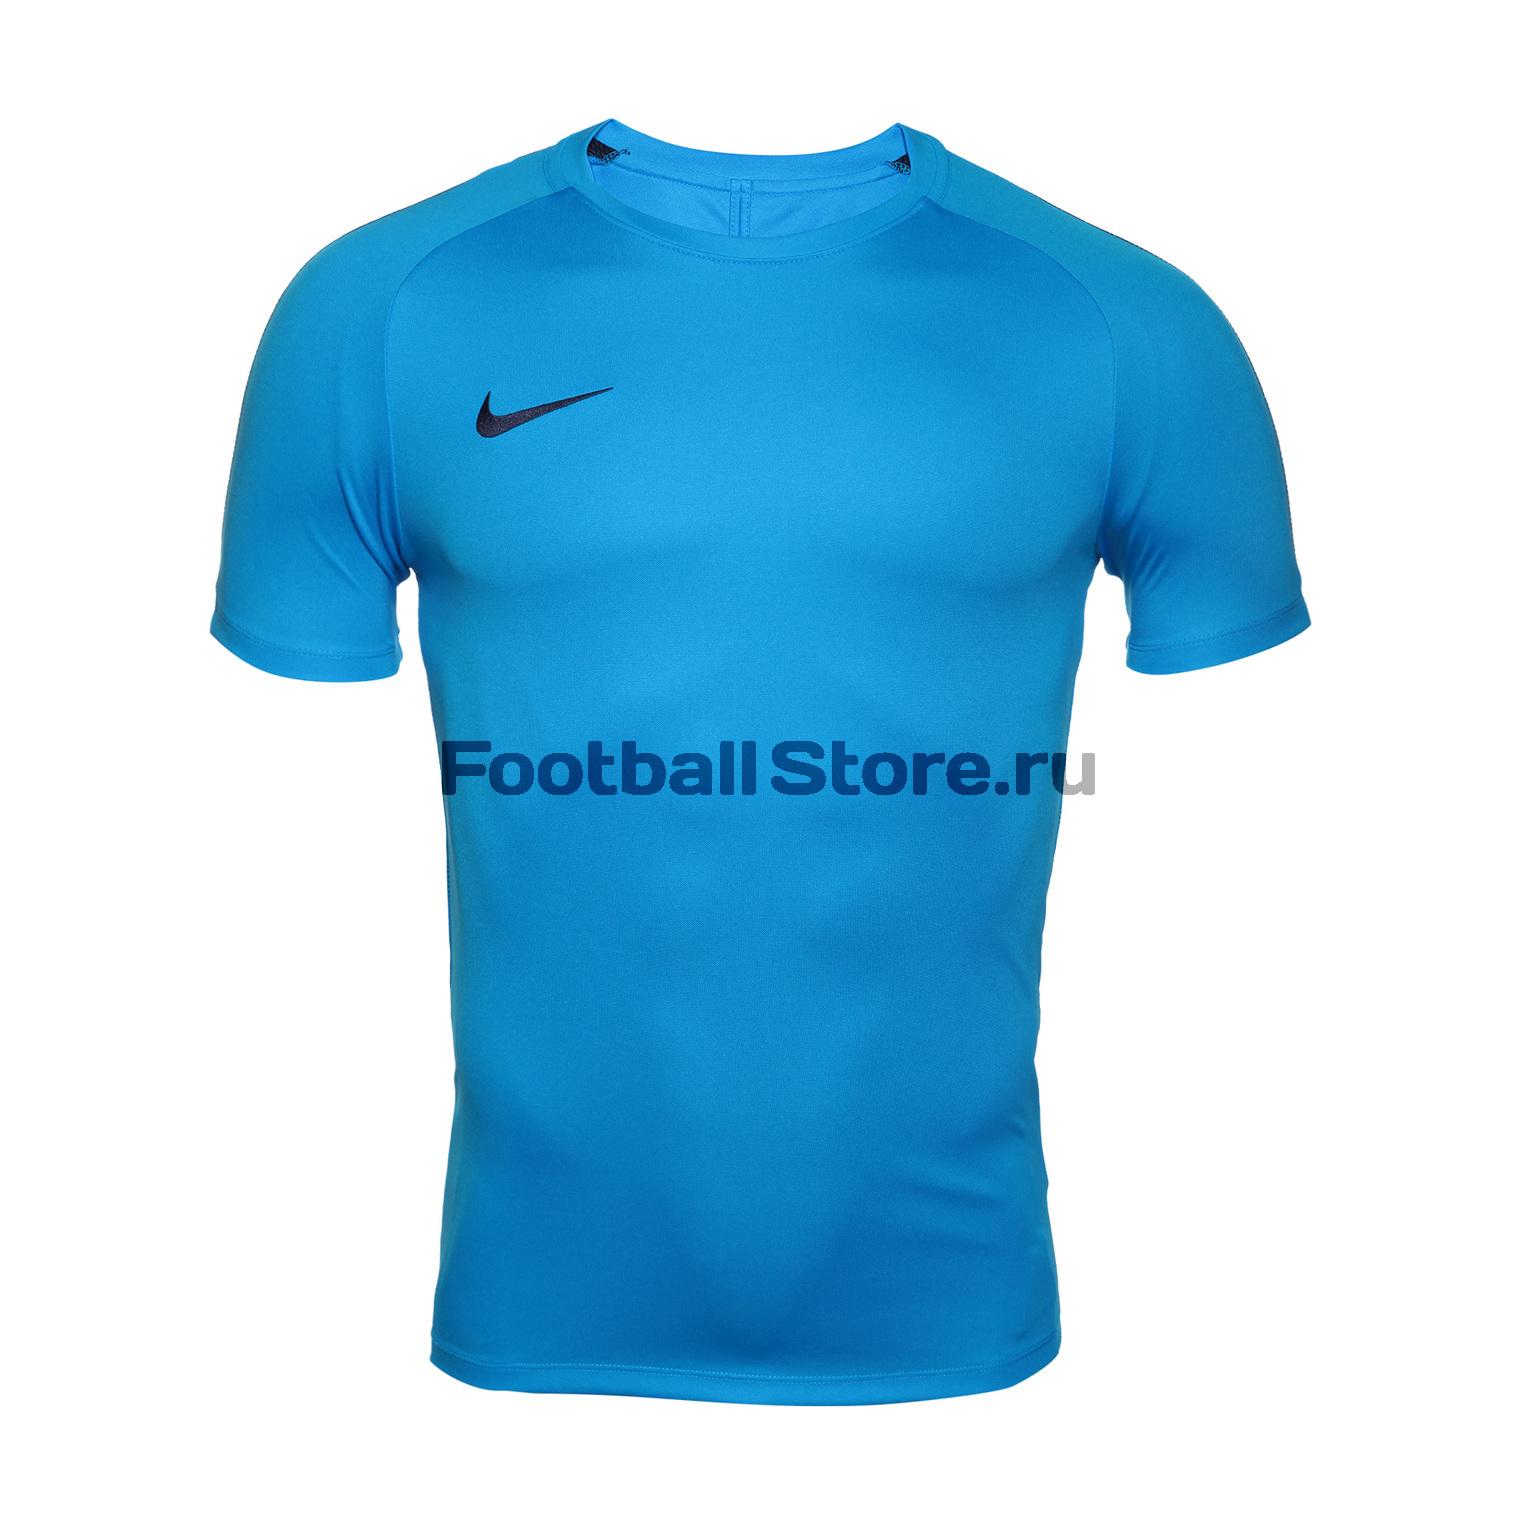 Футболка тренировочная Nike Academy 832967-470 футболка тренировочная подростковая nike размер xs